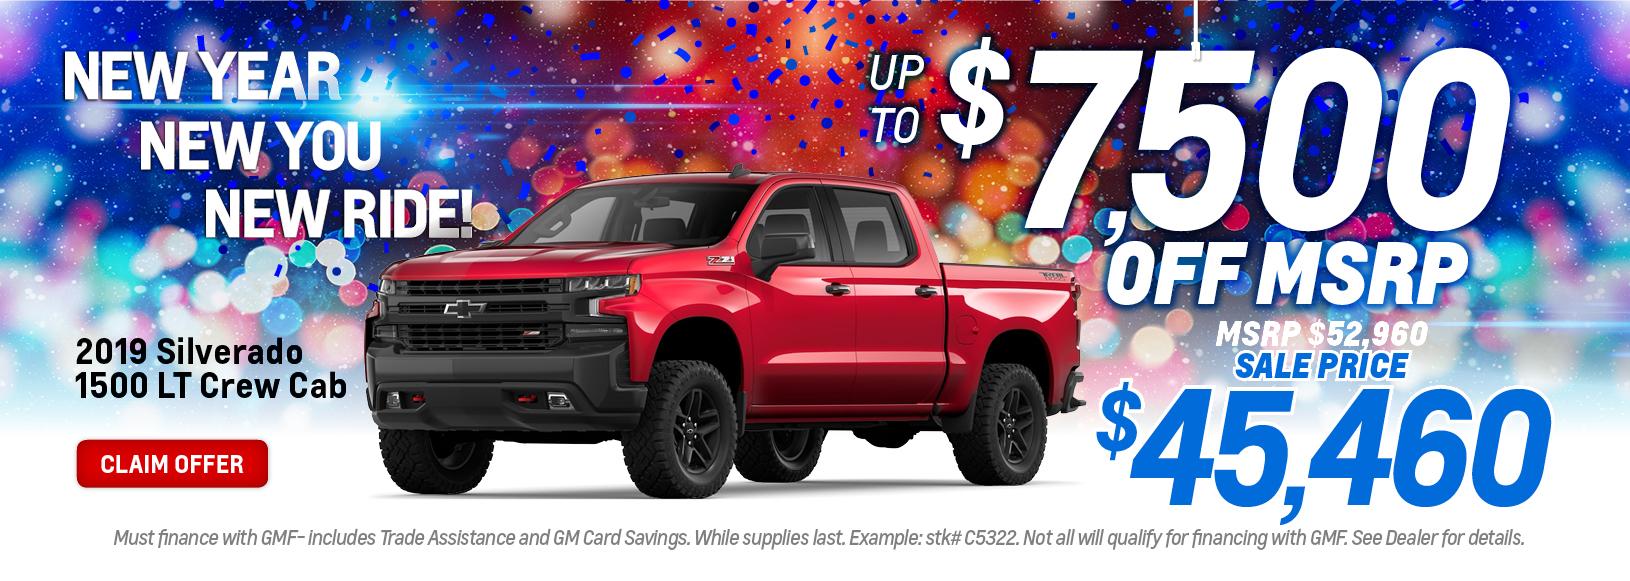 Jimmy Britt Chevrolet >> Jimmy Britt Chevrolet Buick GMC | Greensboro, GA Dealer